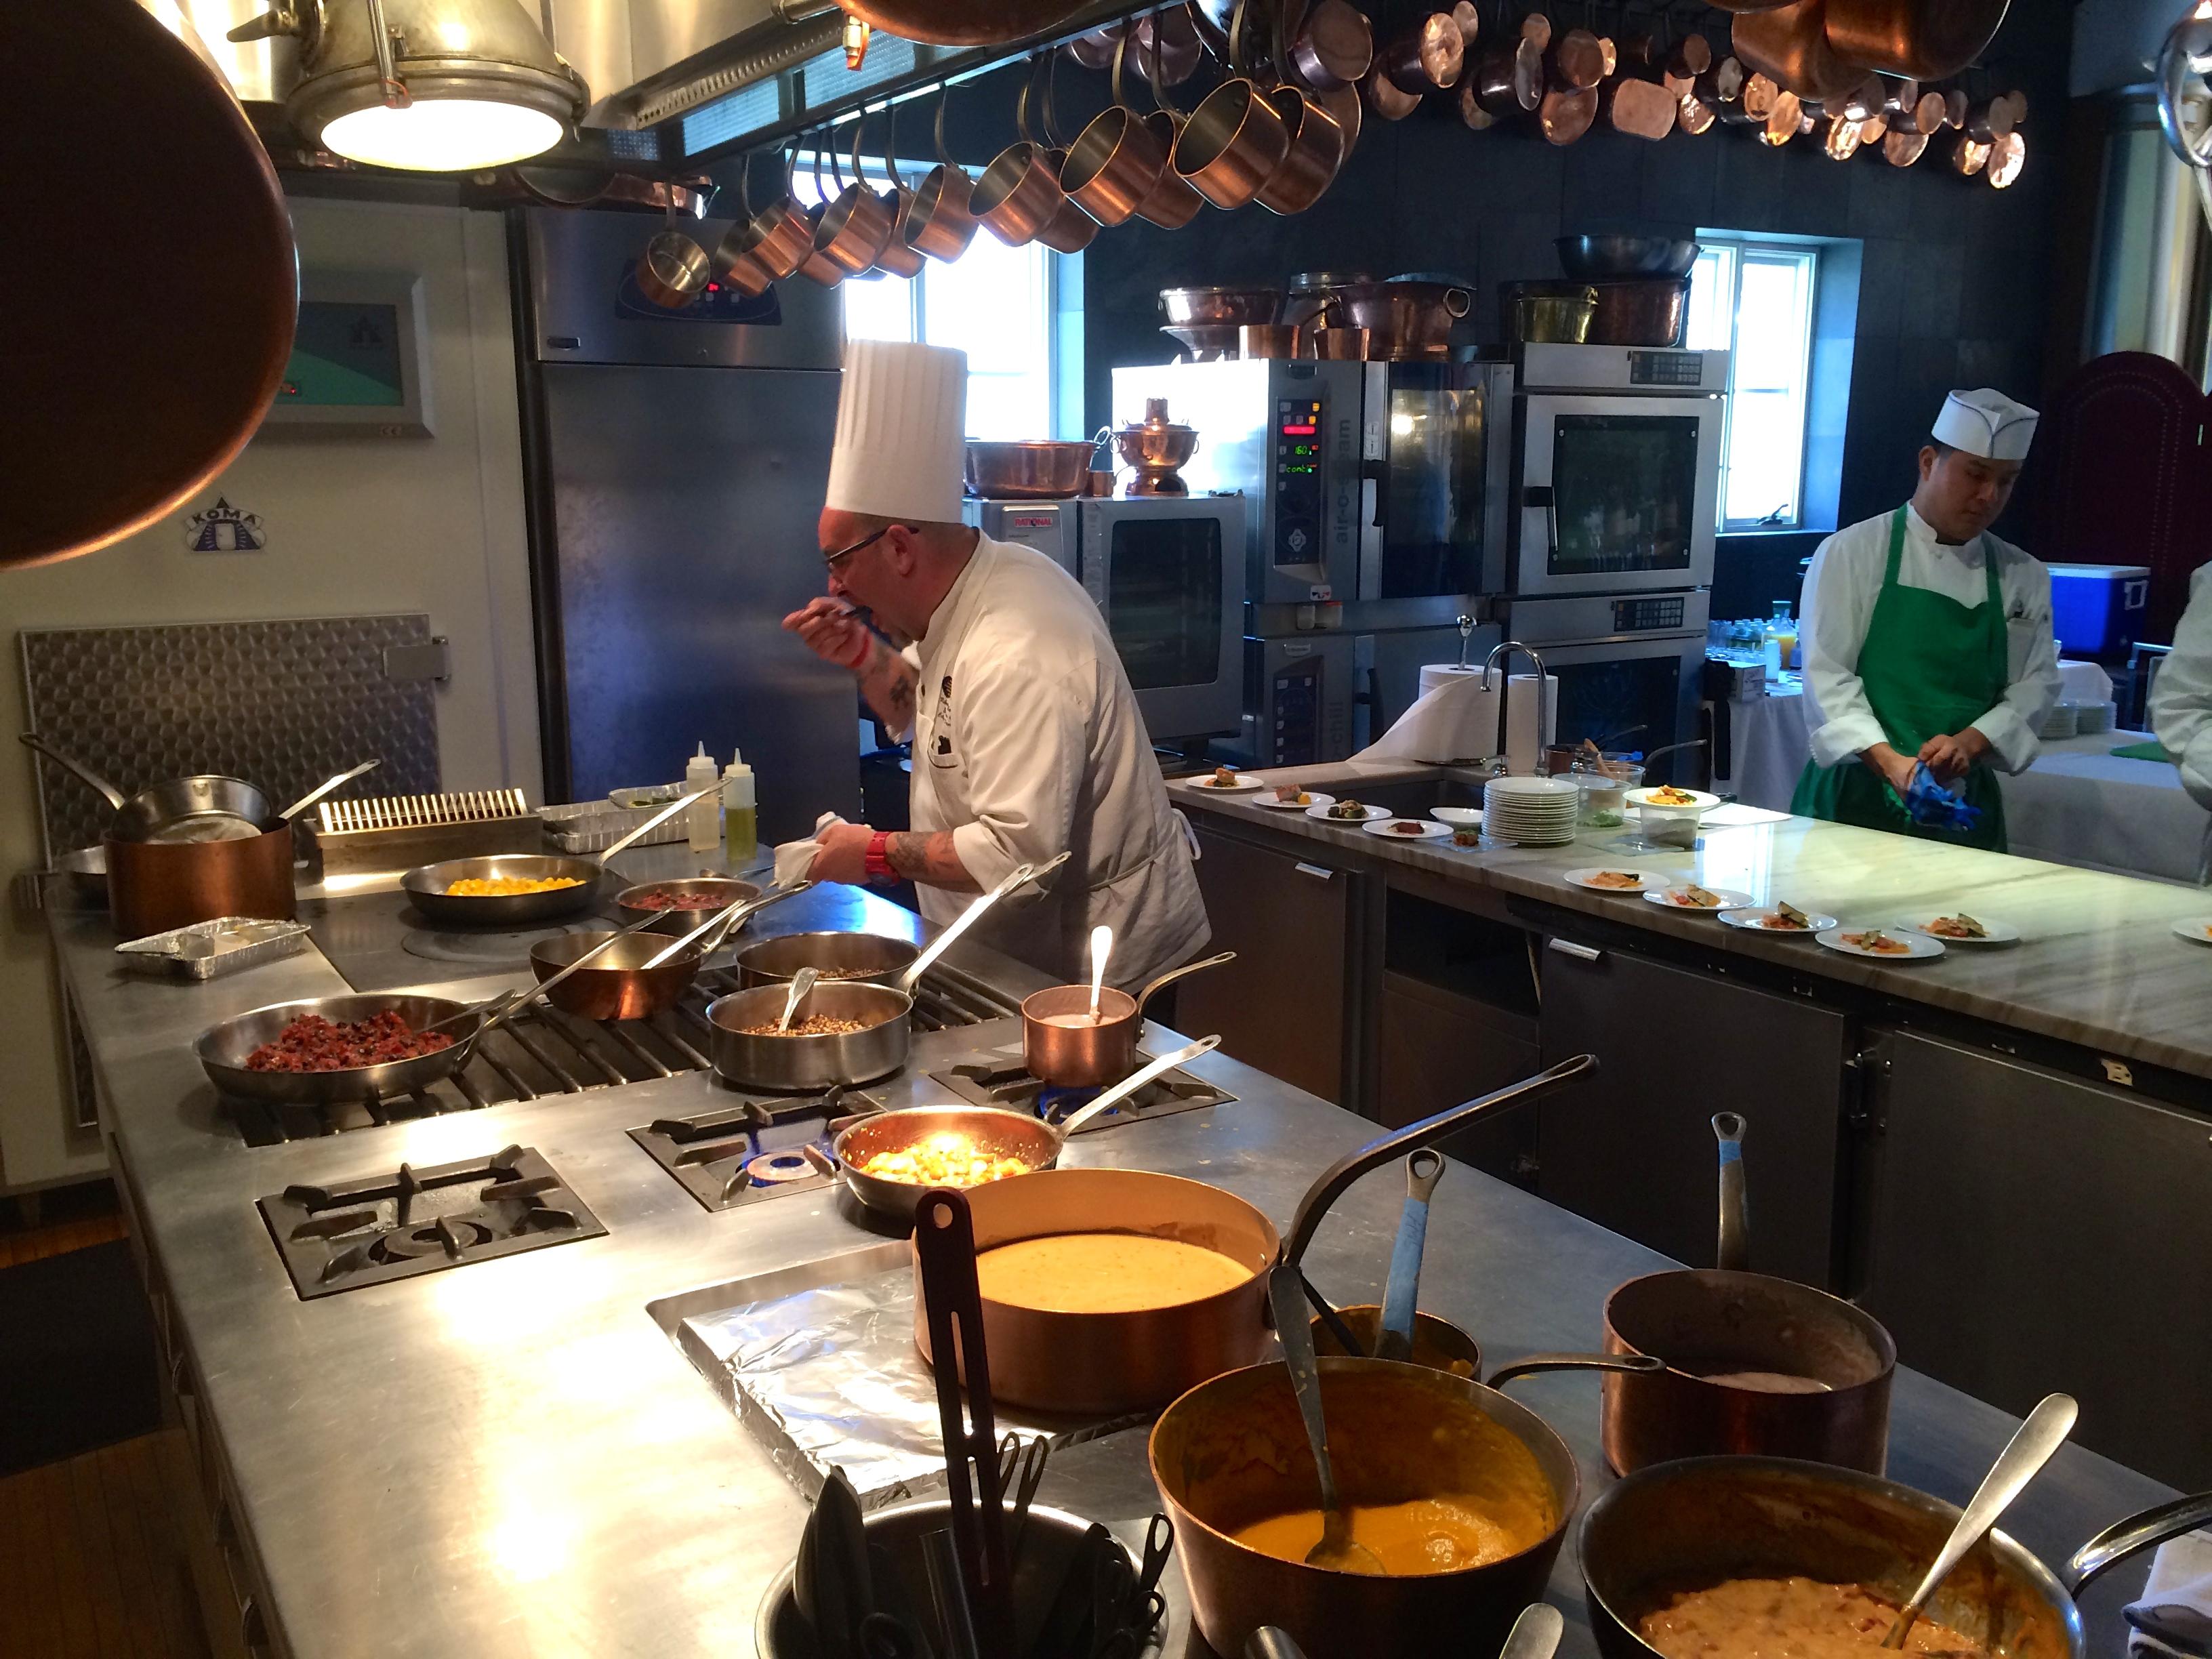 Lufthansa chefs in a test kitchen